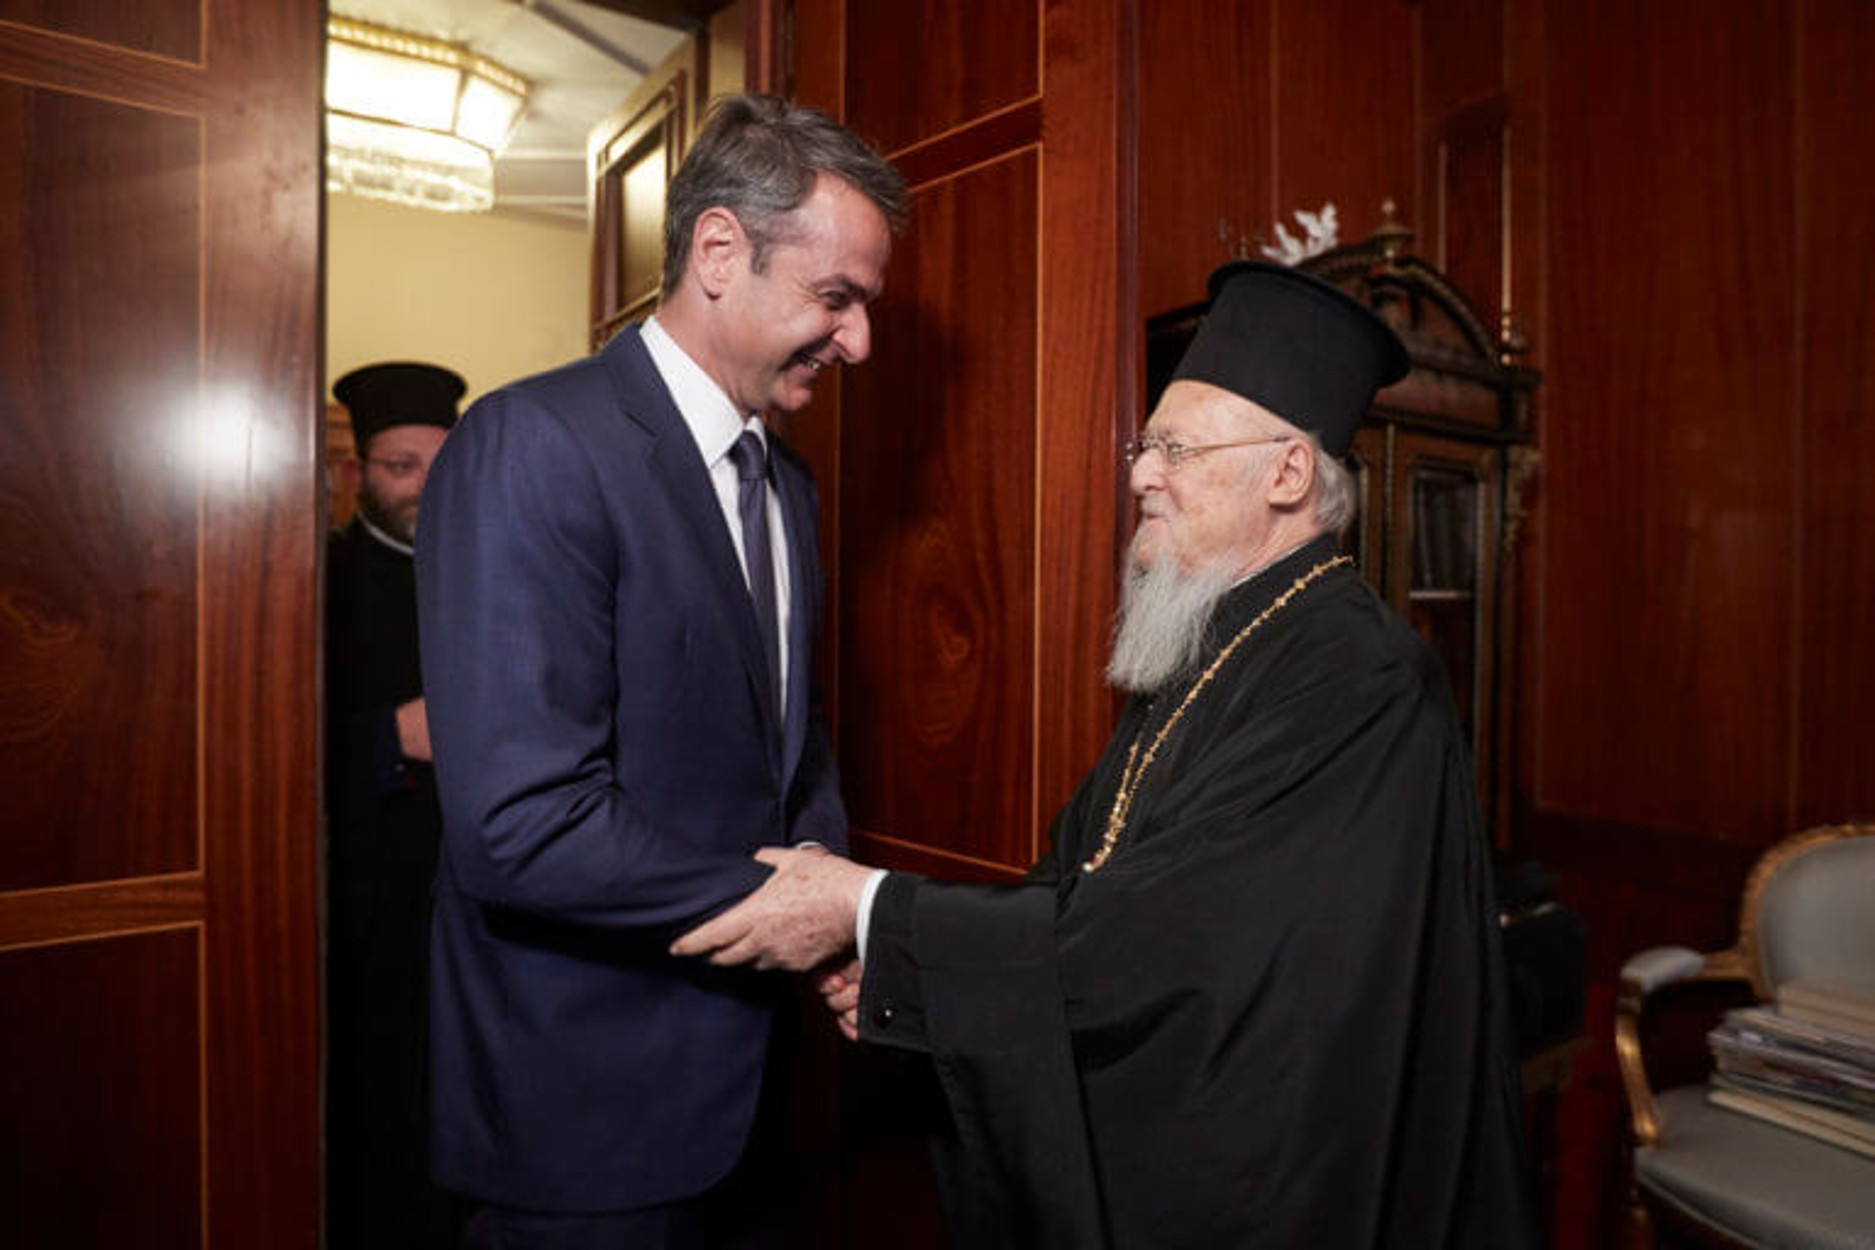 Επικοινωνία Μητσοτάκη με τον Πατριάρχη Βαρθολομαίο πριν τη συνάντηση με τον Πομπέο